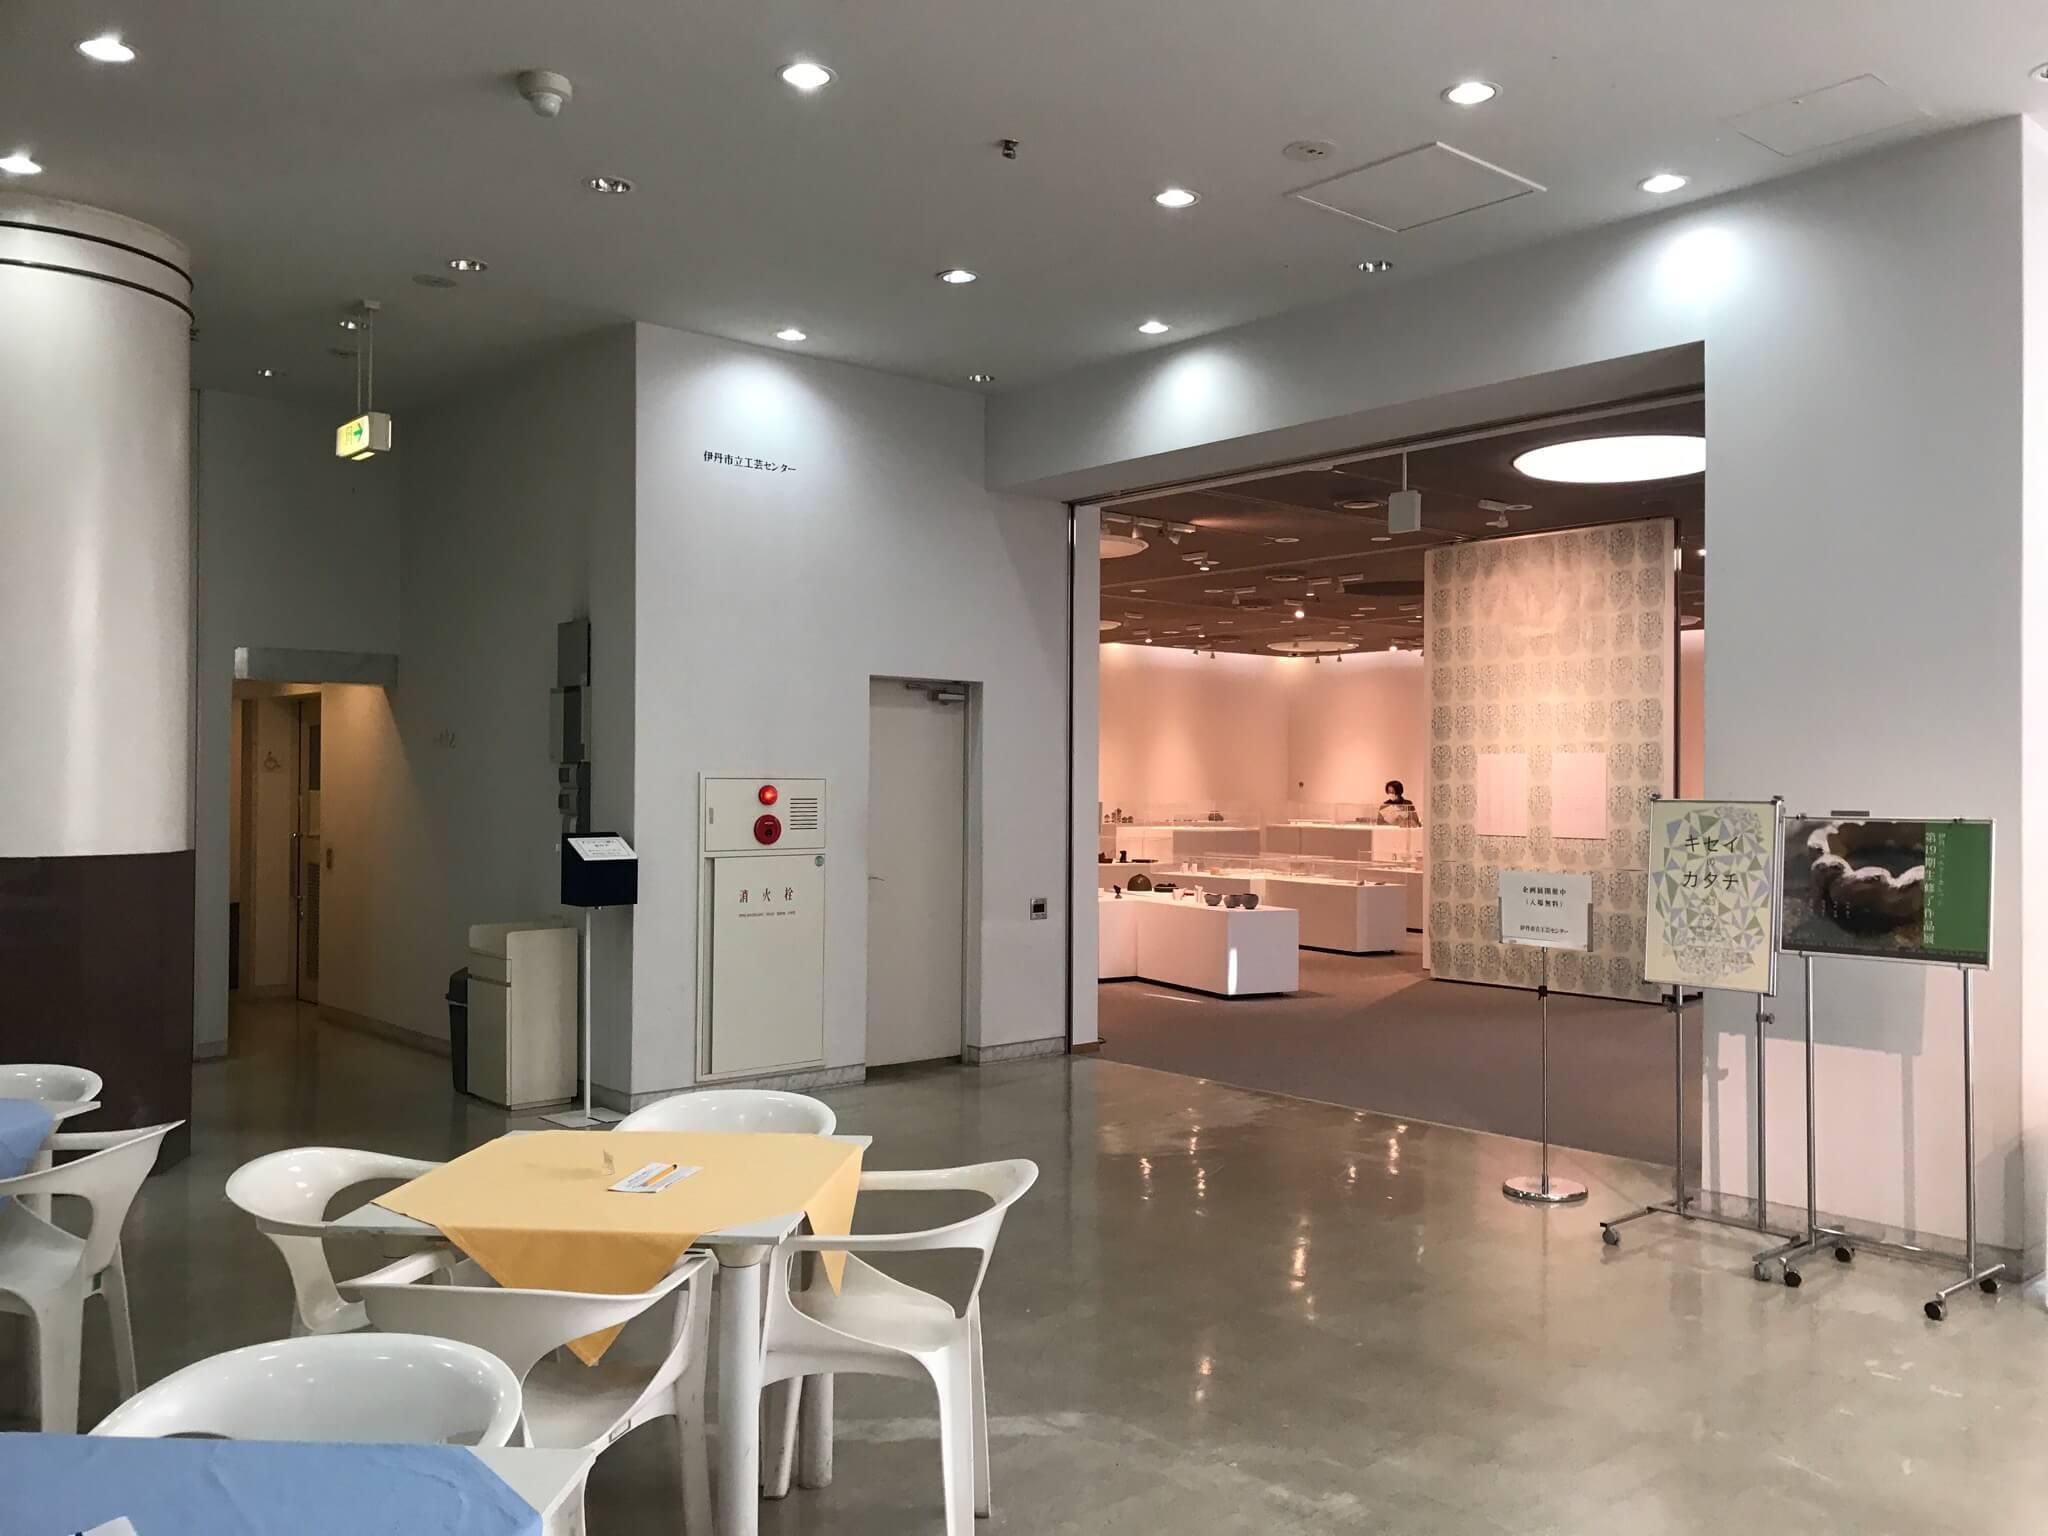 クラリネットアンサンブルHana伊丹市立工芸センター